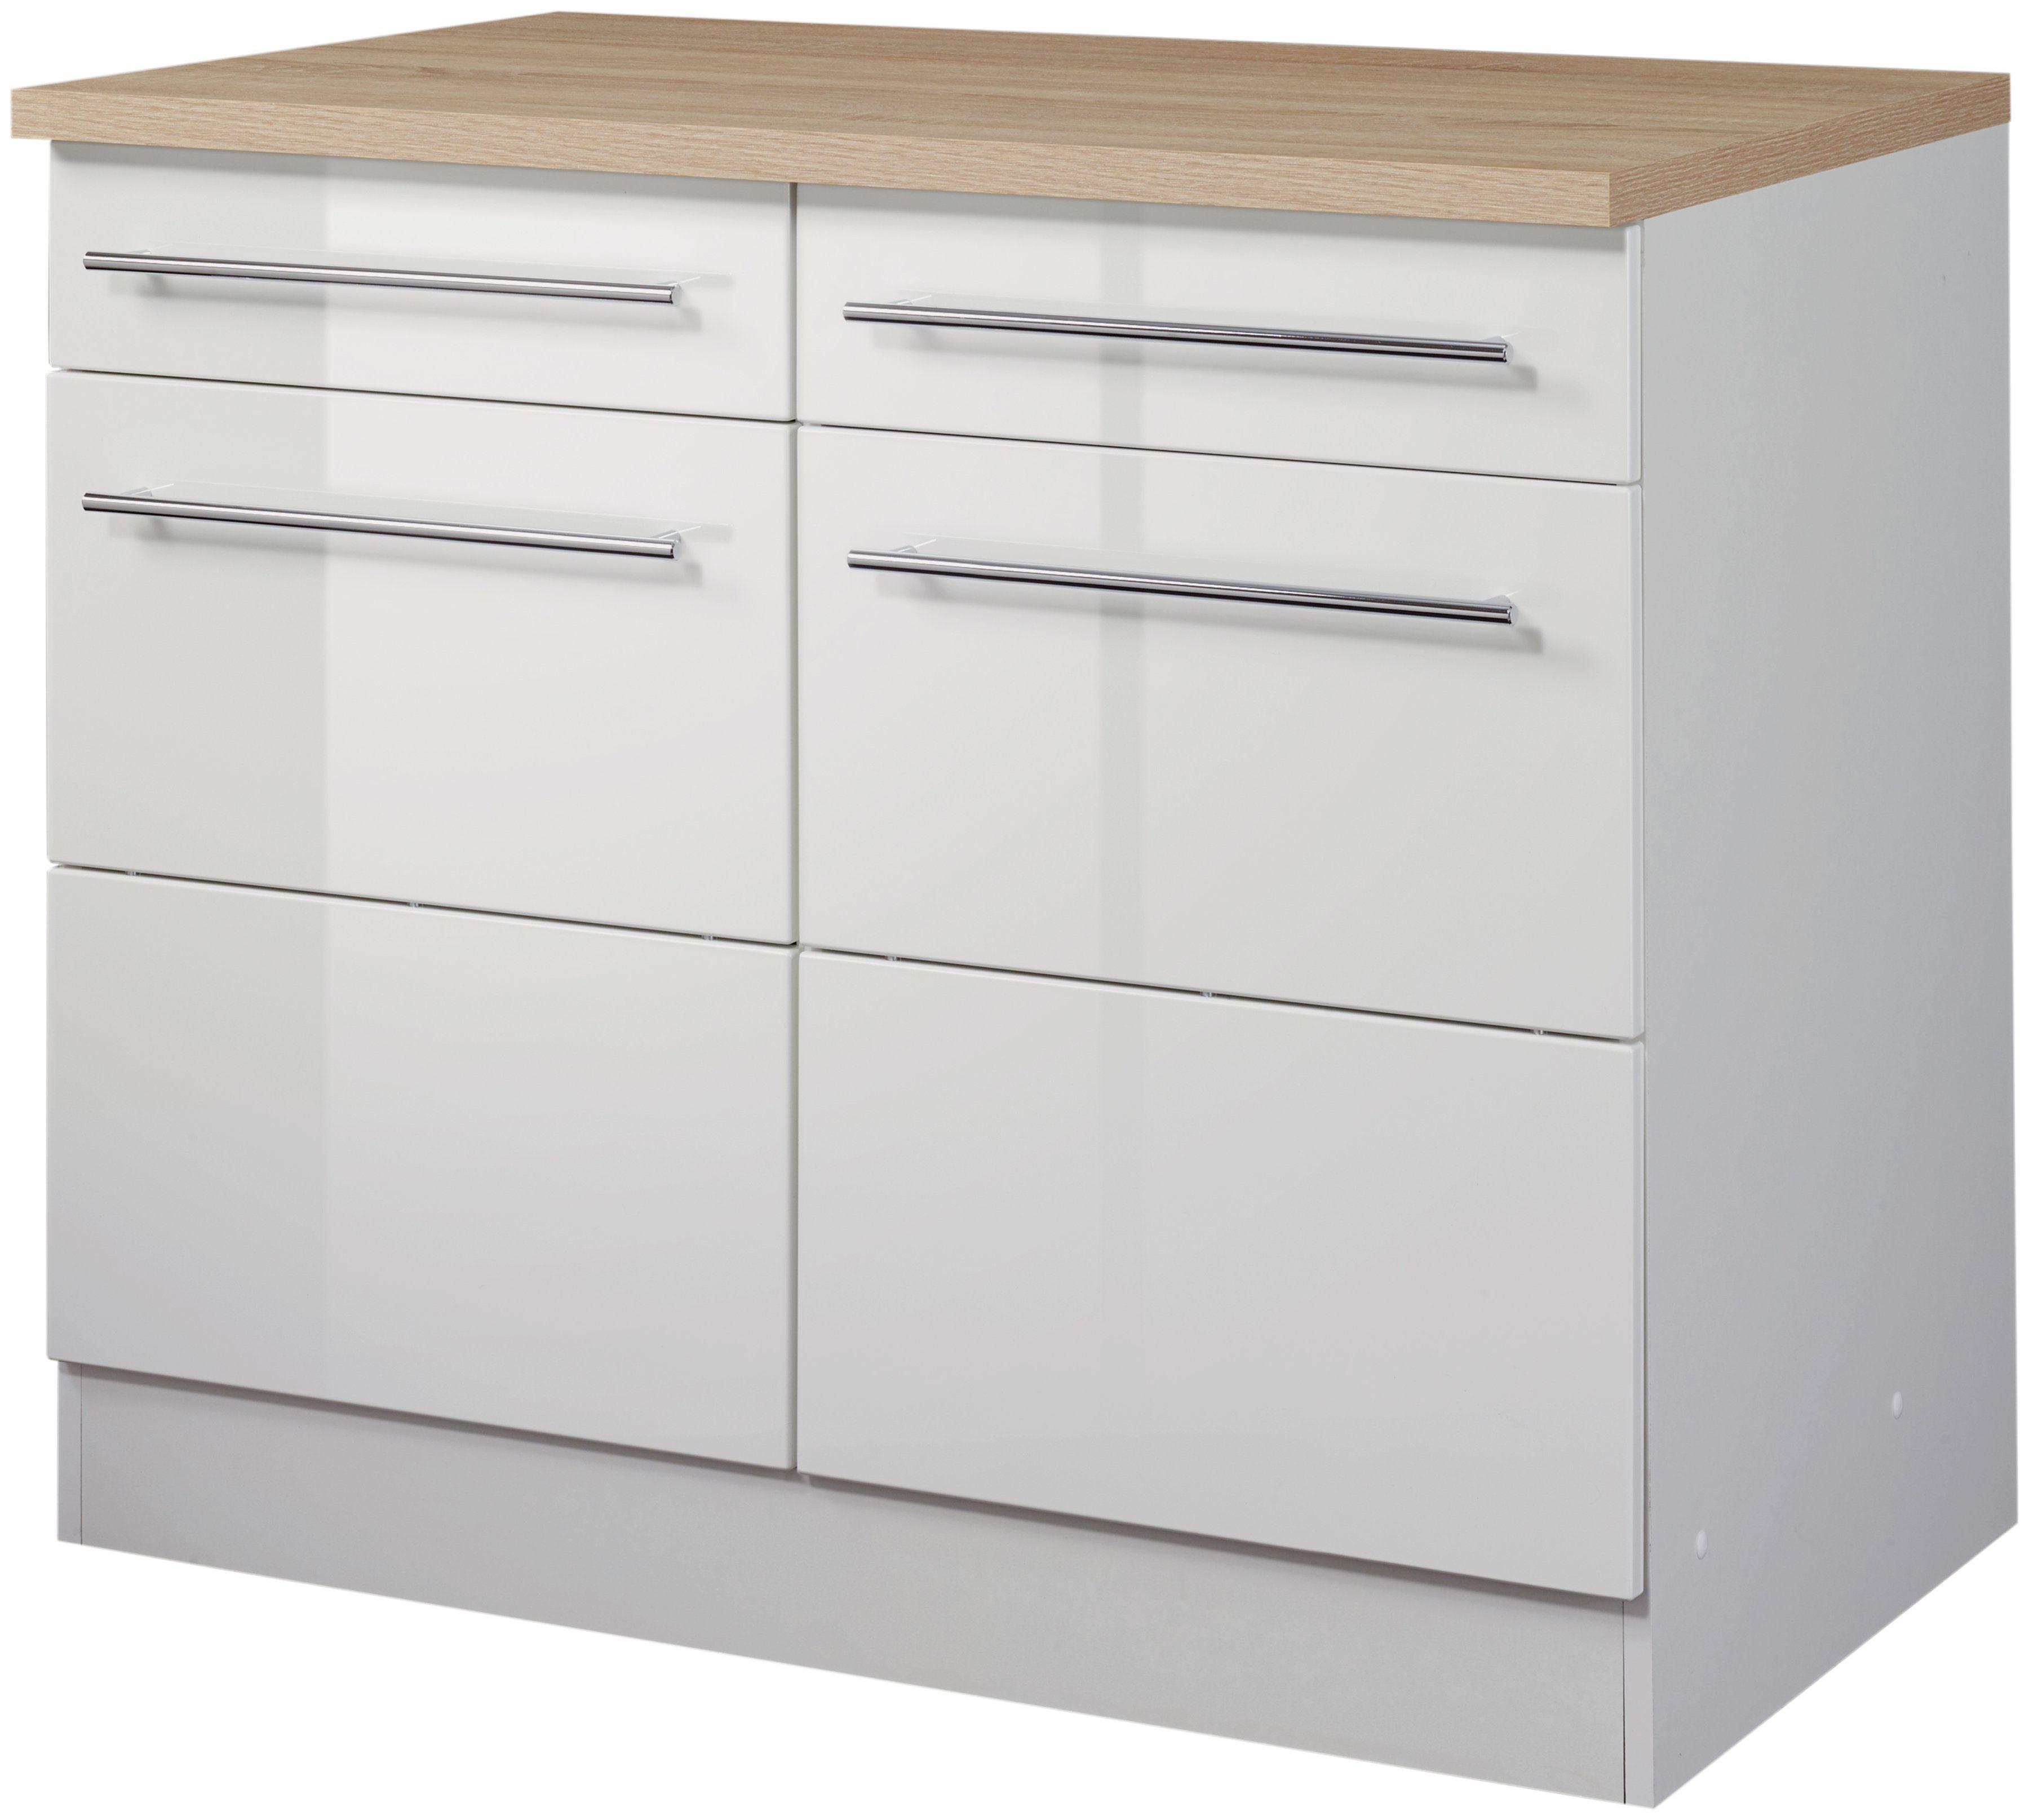 Hervorragend HELD MÖBEL Küchenunterschrank , Breite 100 cm | OTTO XL71